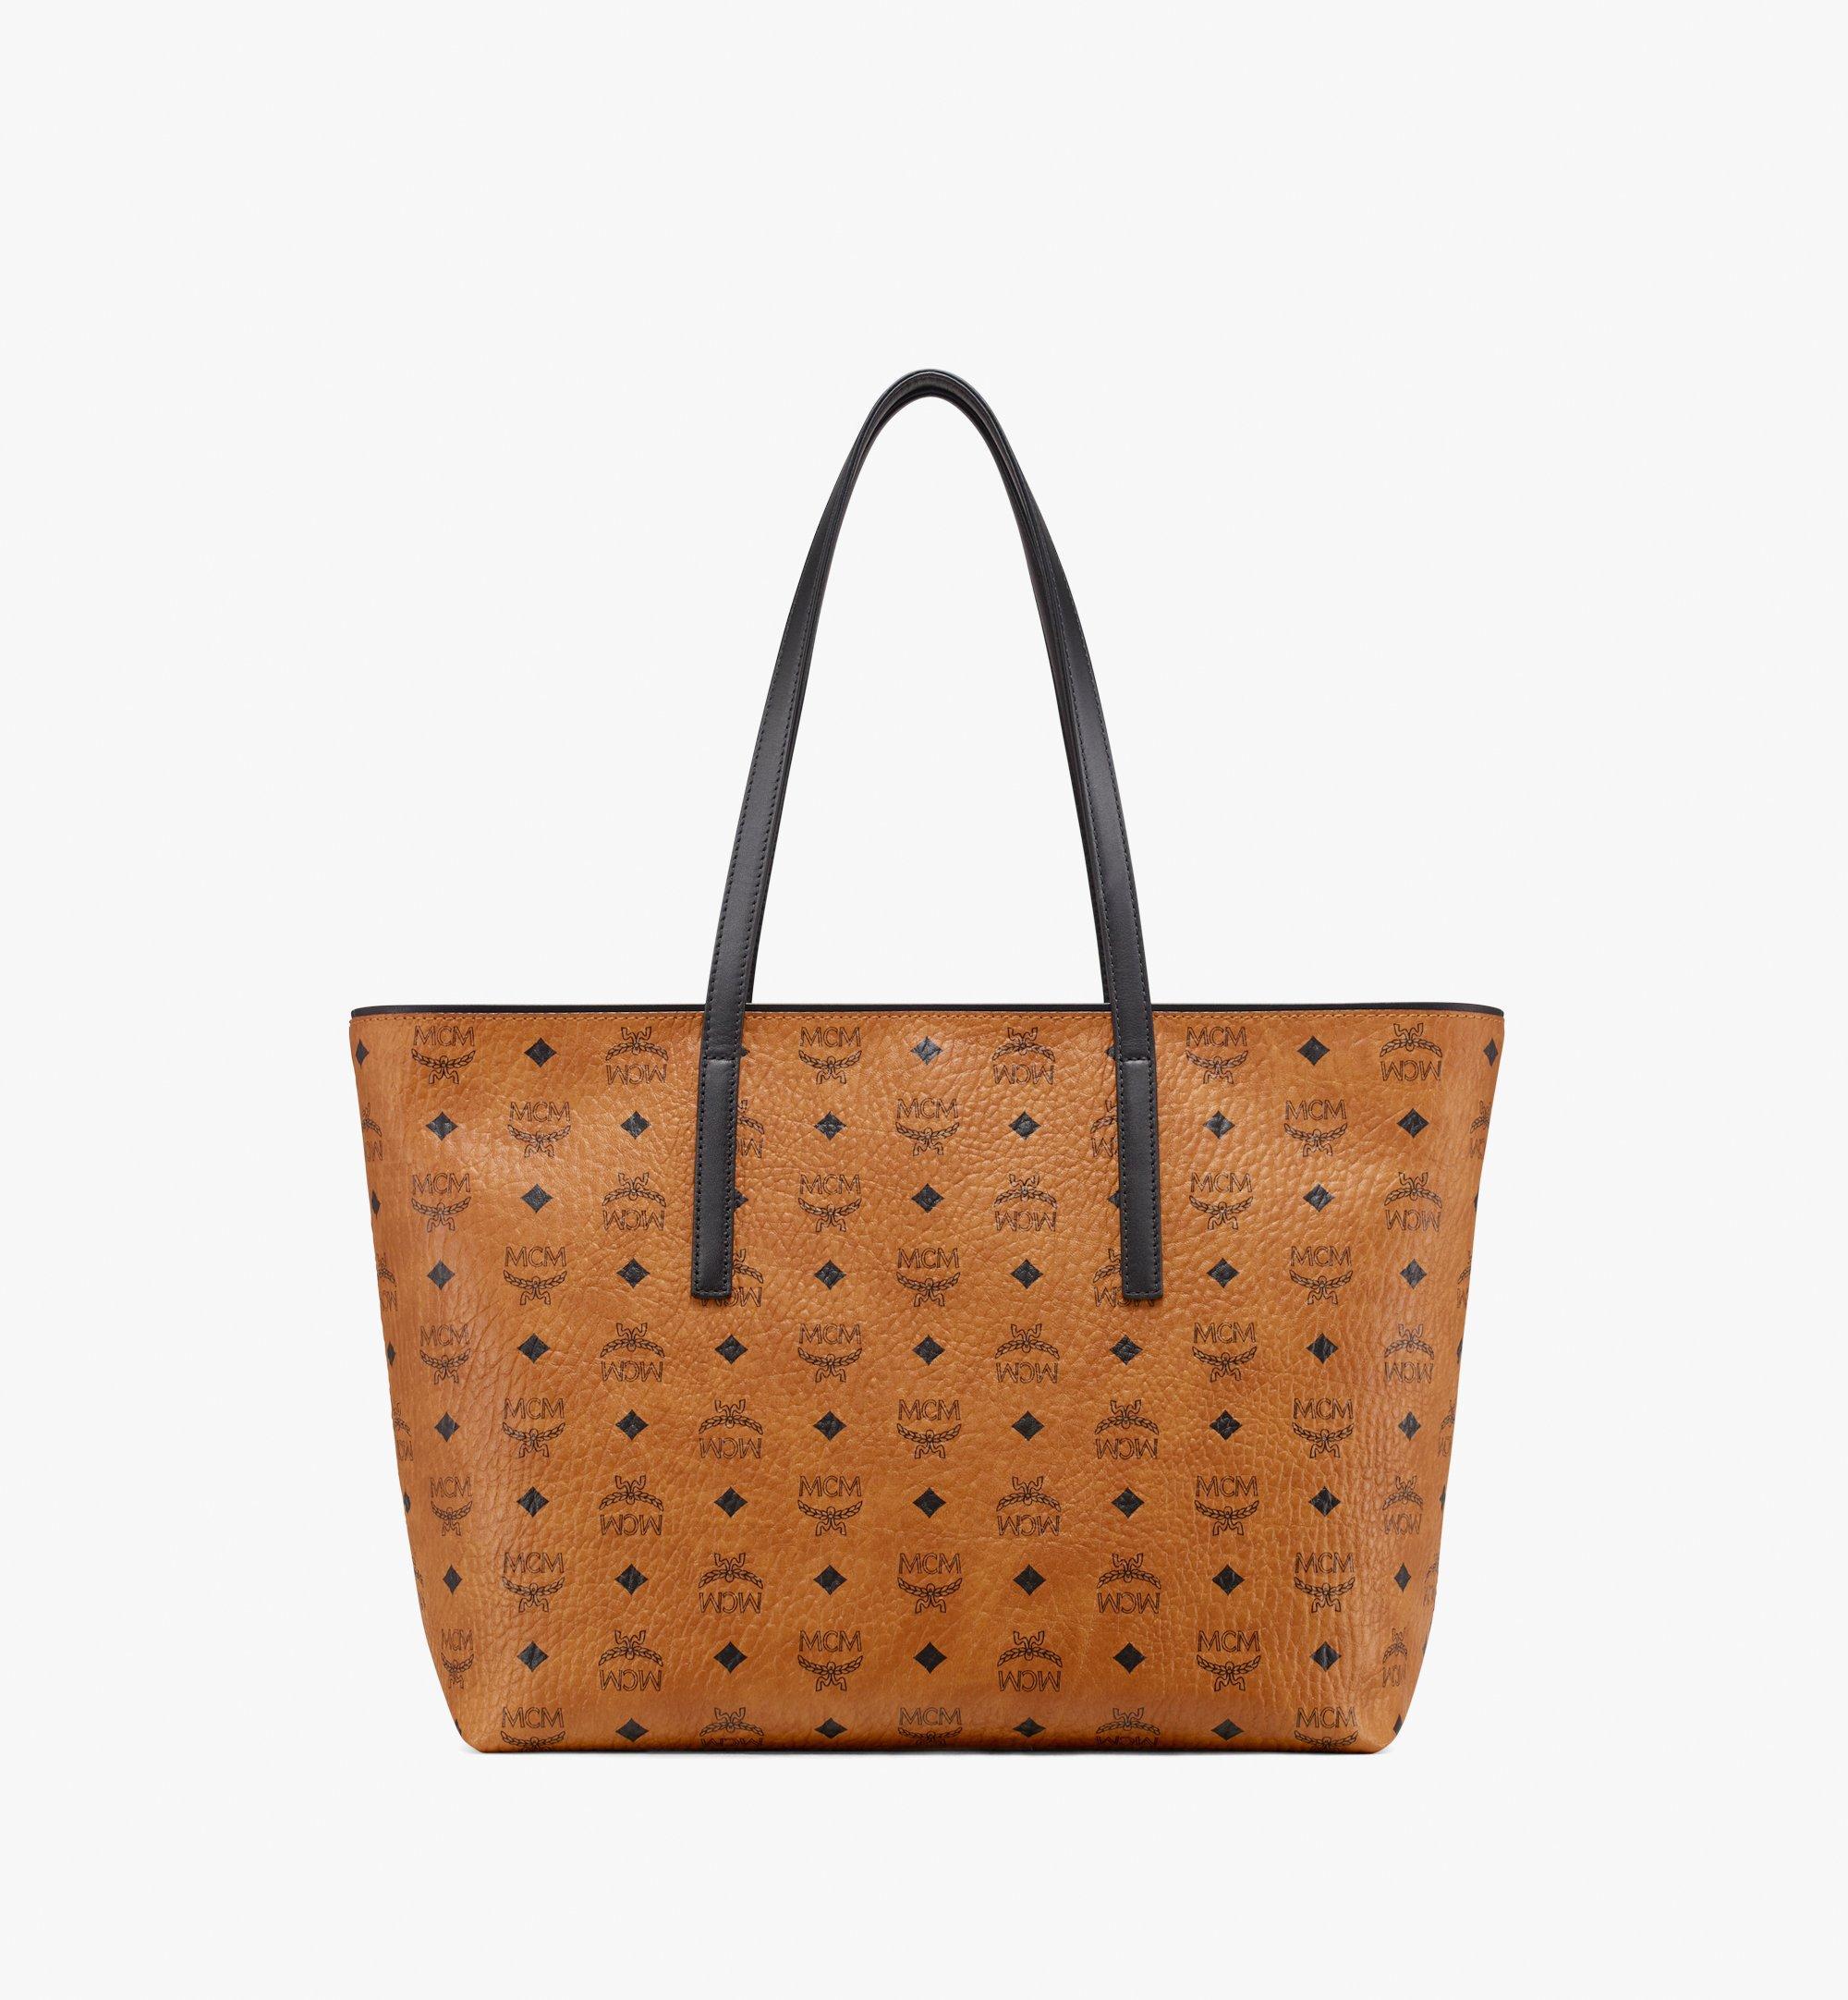 Medium Anya Top Zip Shopper in Visetos Cognac | MCM® DE